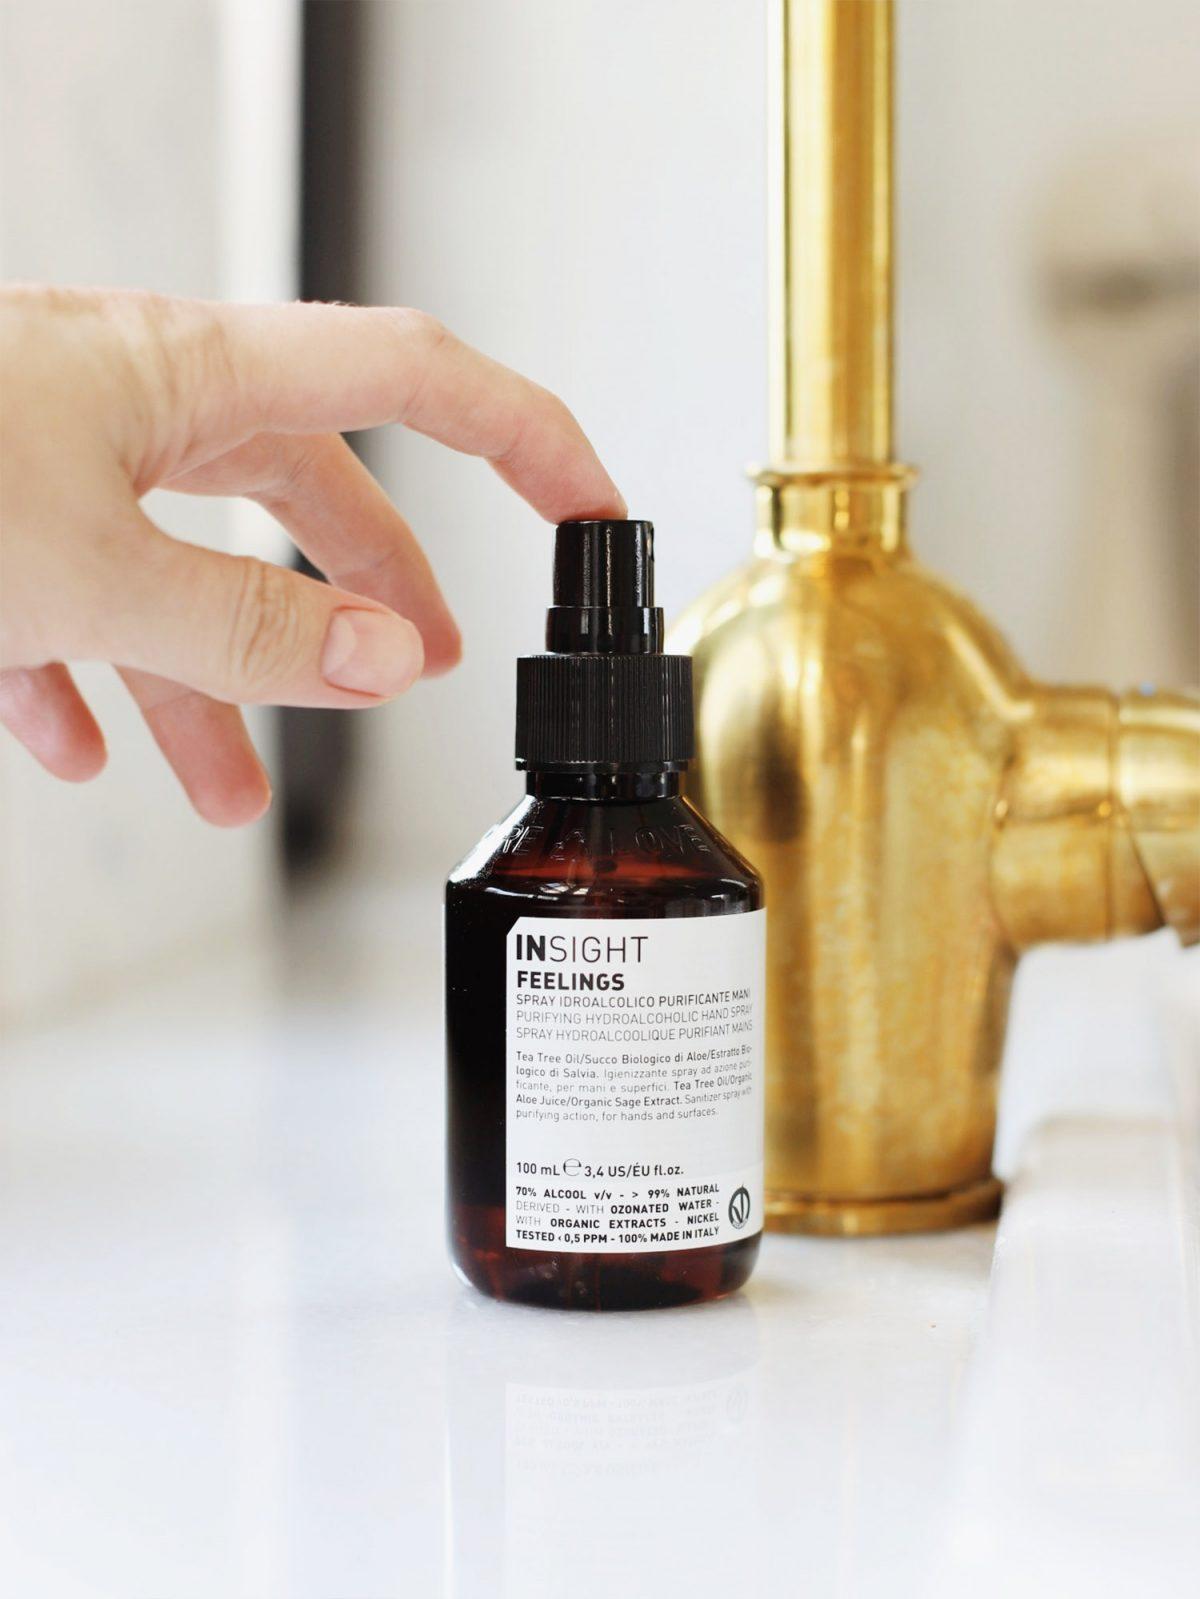 dezynfekujący spray do rąk, dezynfekcja rąk, dezynfekujący spray do powierzchni, dezynfekujący spray do rąk i powierzchni insight feelings